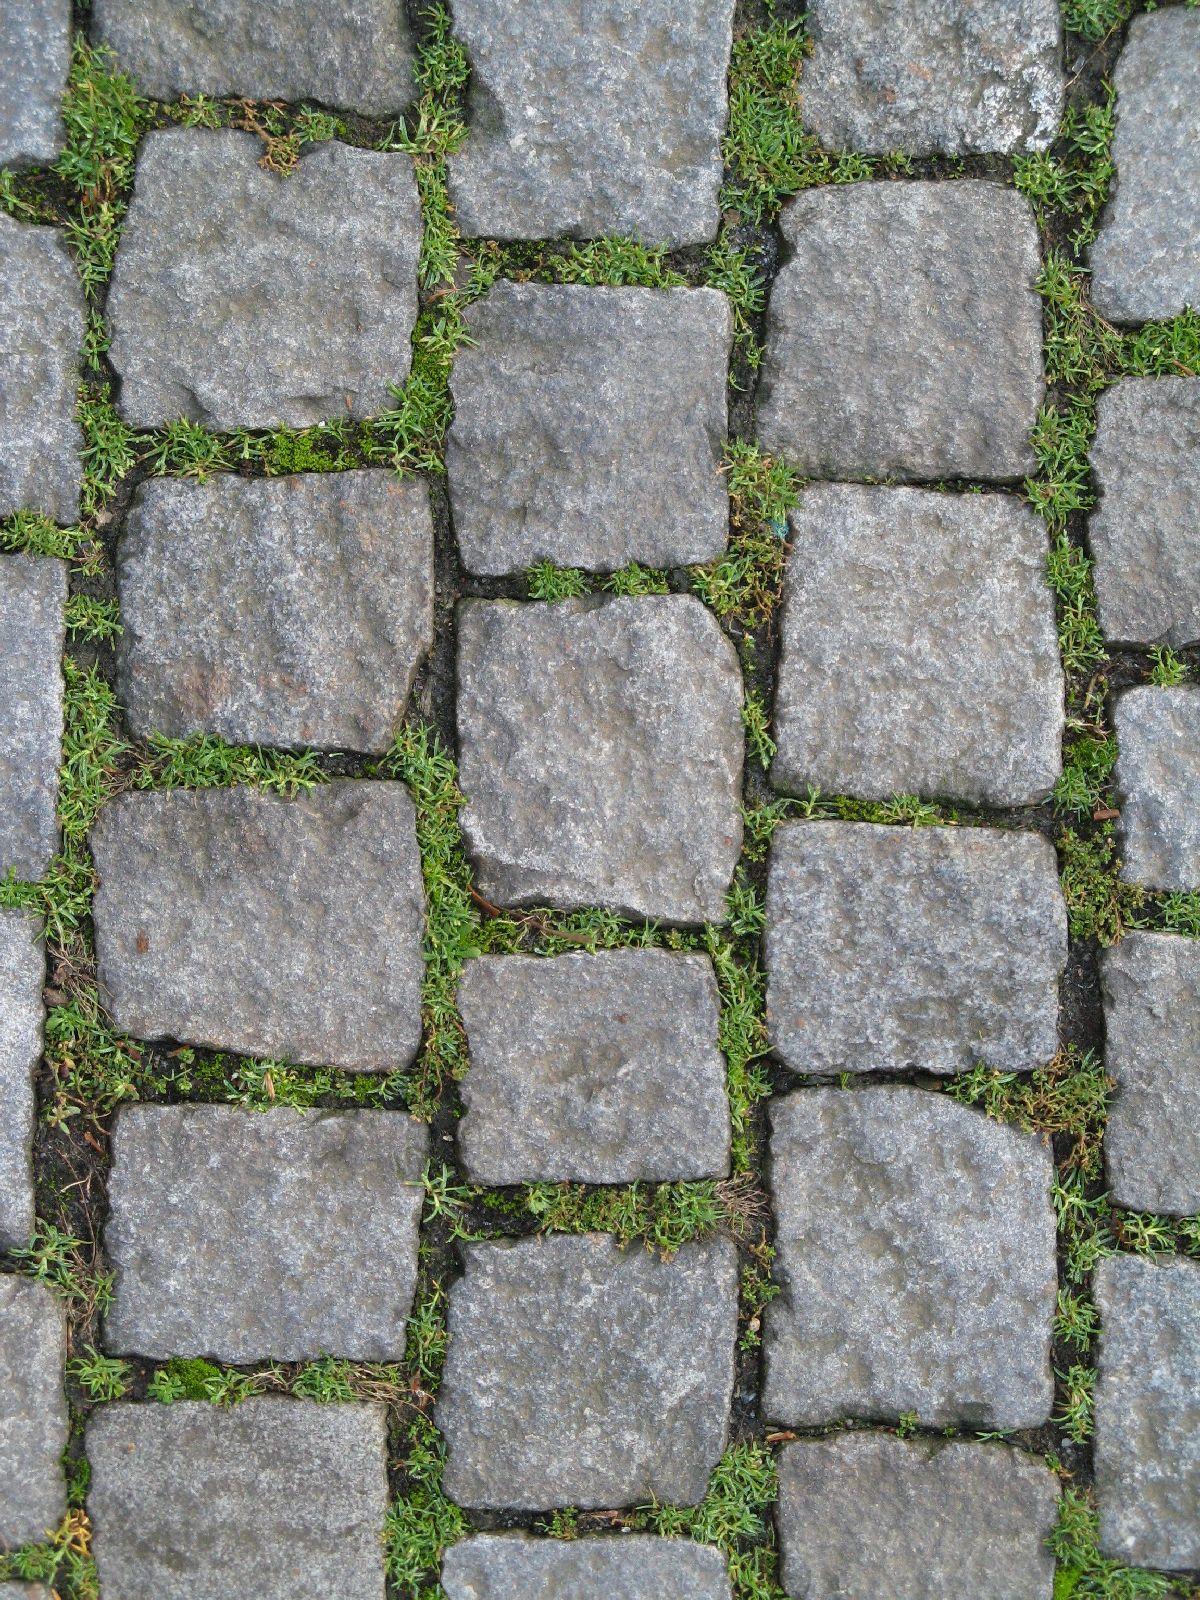 Boden-Gehweg-Strasse-Buergersteig-Textur_B_1431